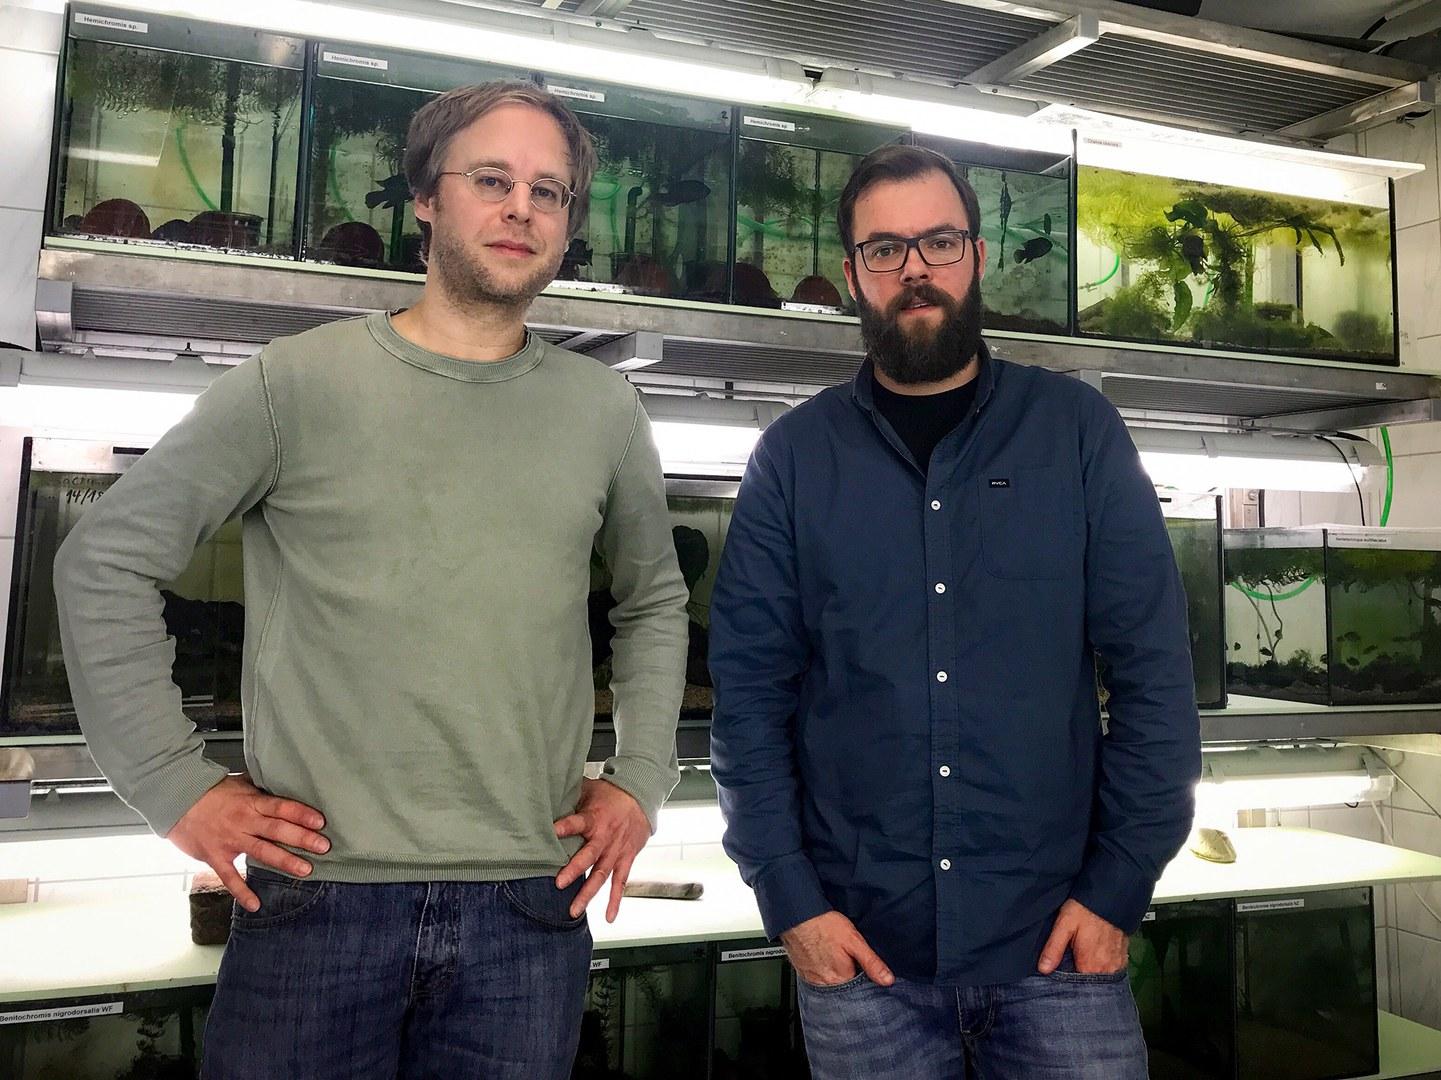 Dr. Ingolf Rick (left) and Simon Vitt